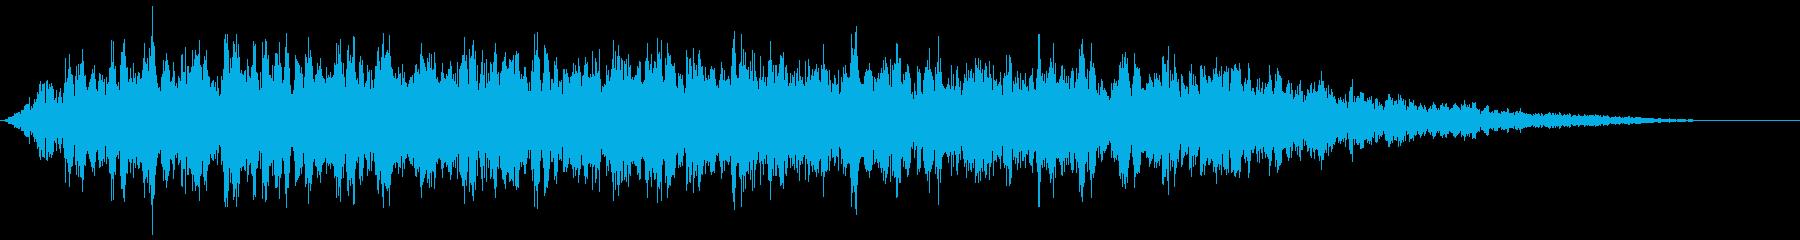 【ダークアンビエント】ホラーBGM_02の再生済みの波形